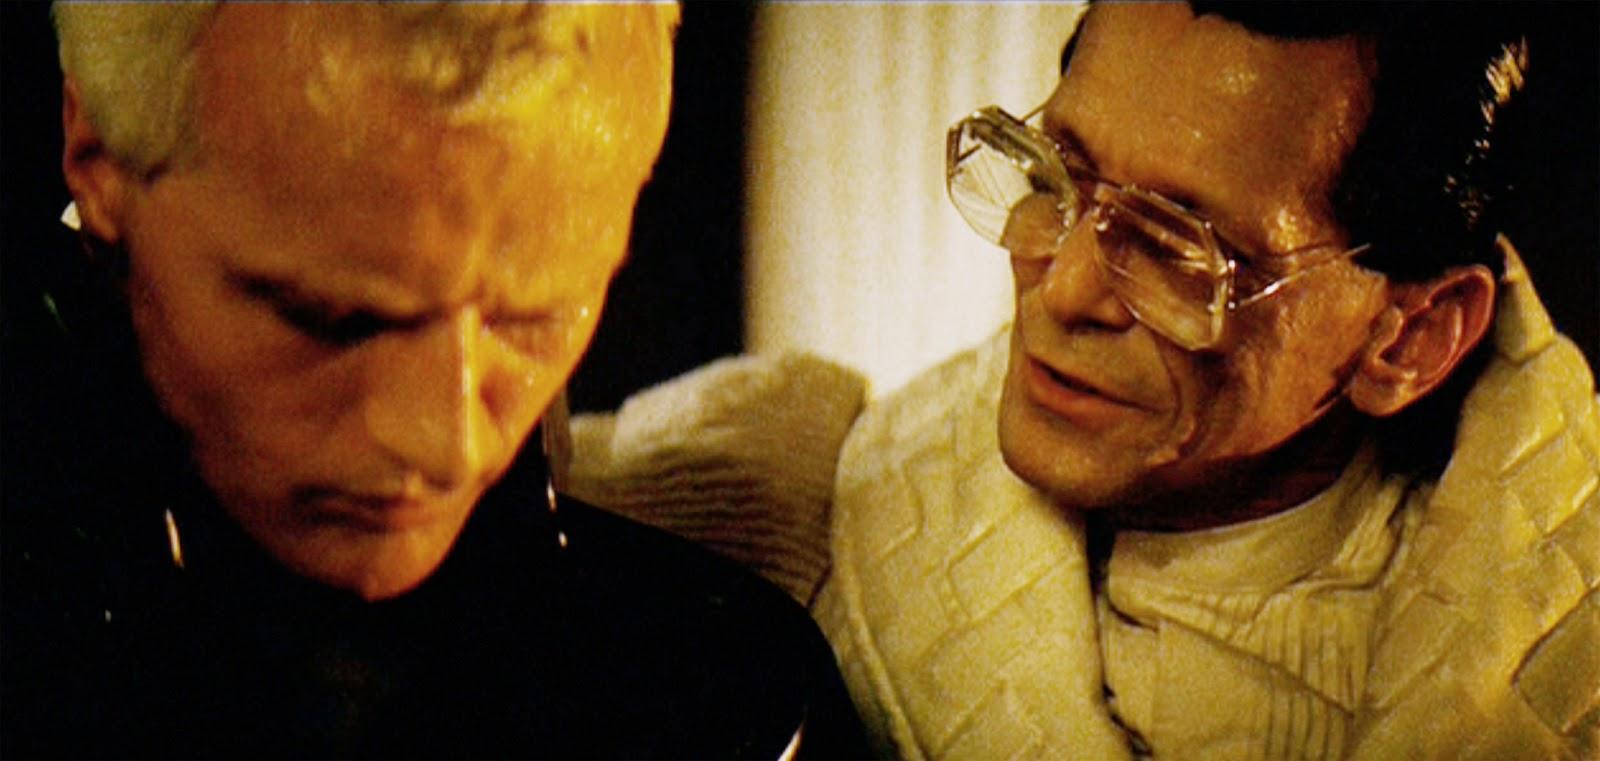 Frankenstein and Blade Runner Comparative Analysis